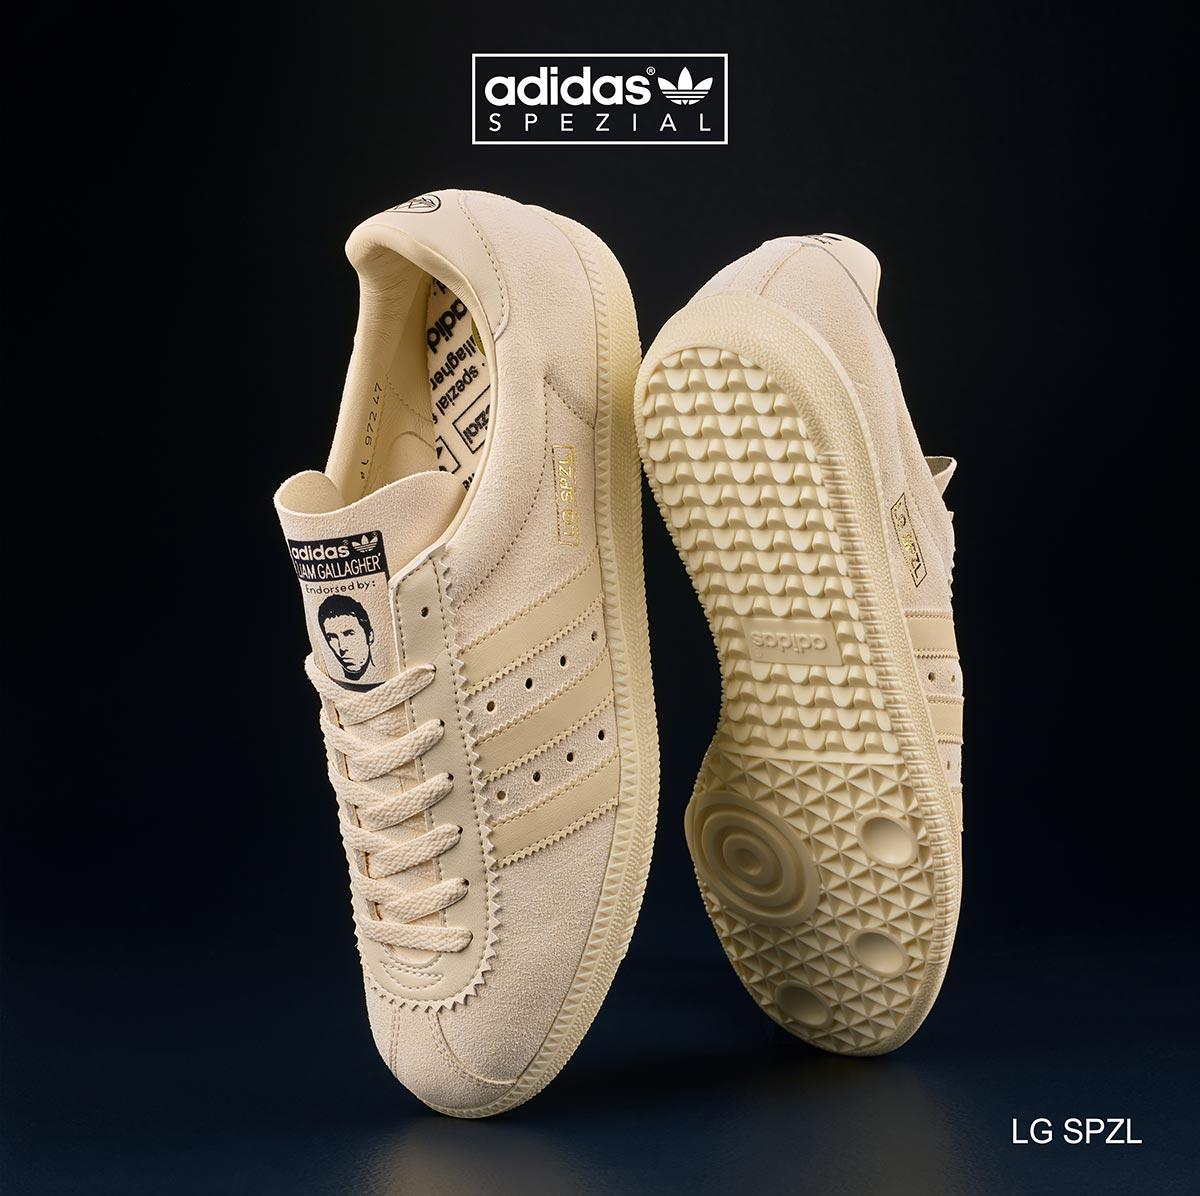 adidas 'LG SPZL' | Raffle closed